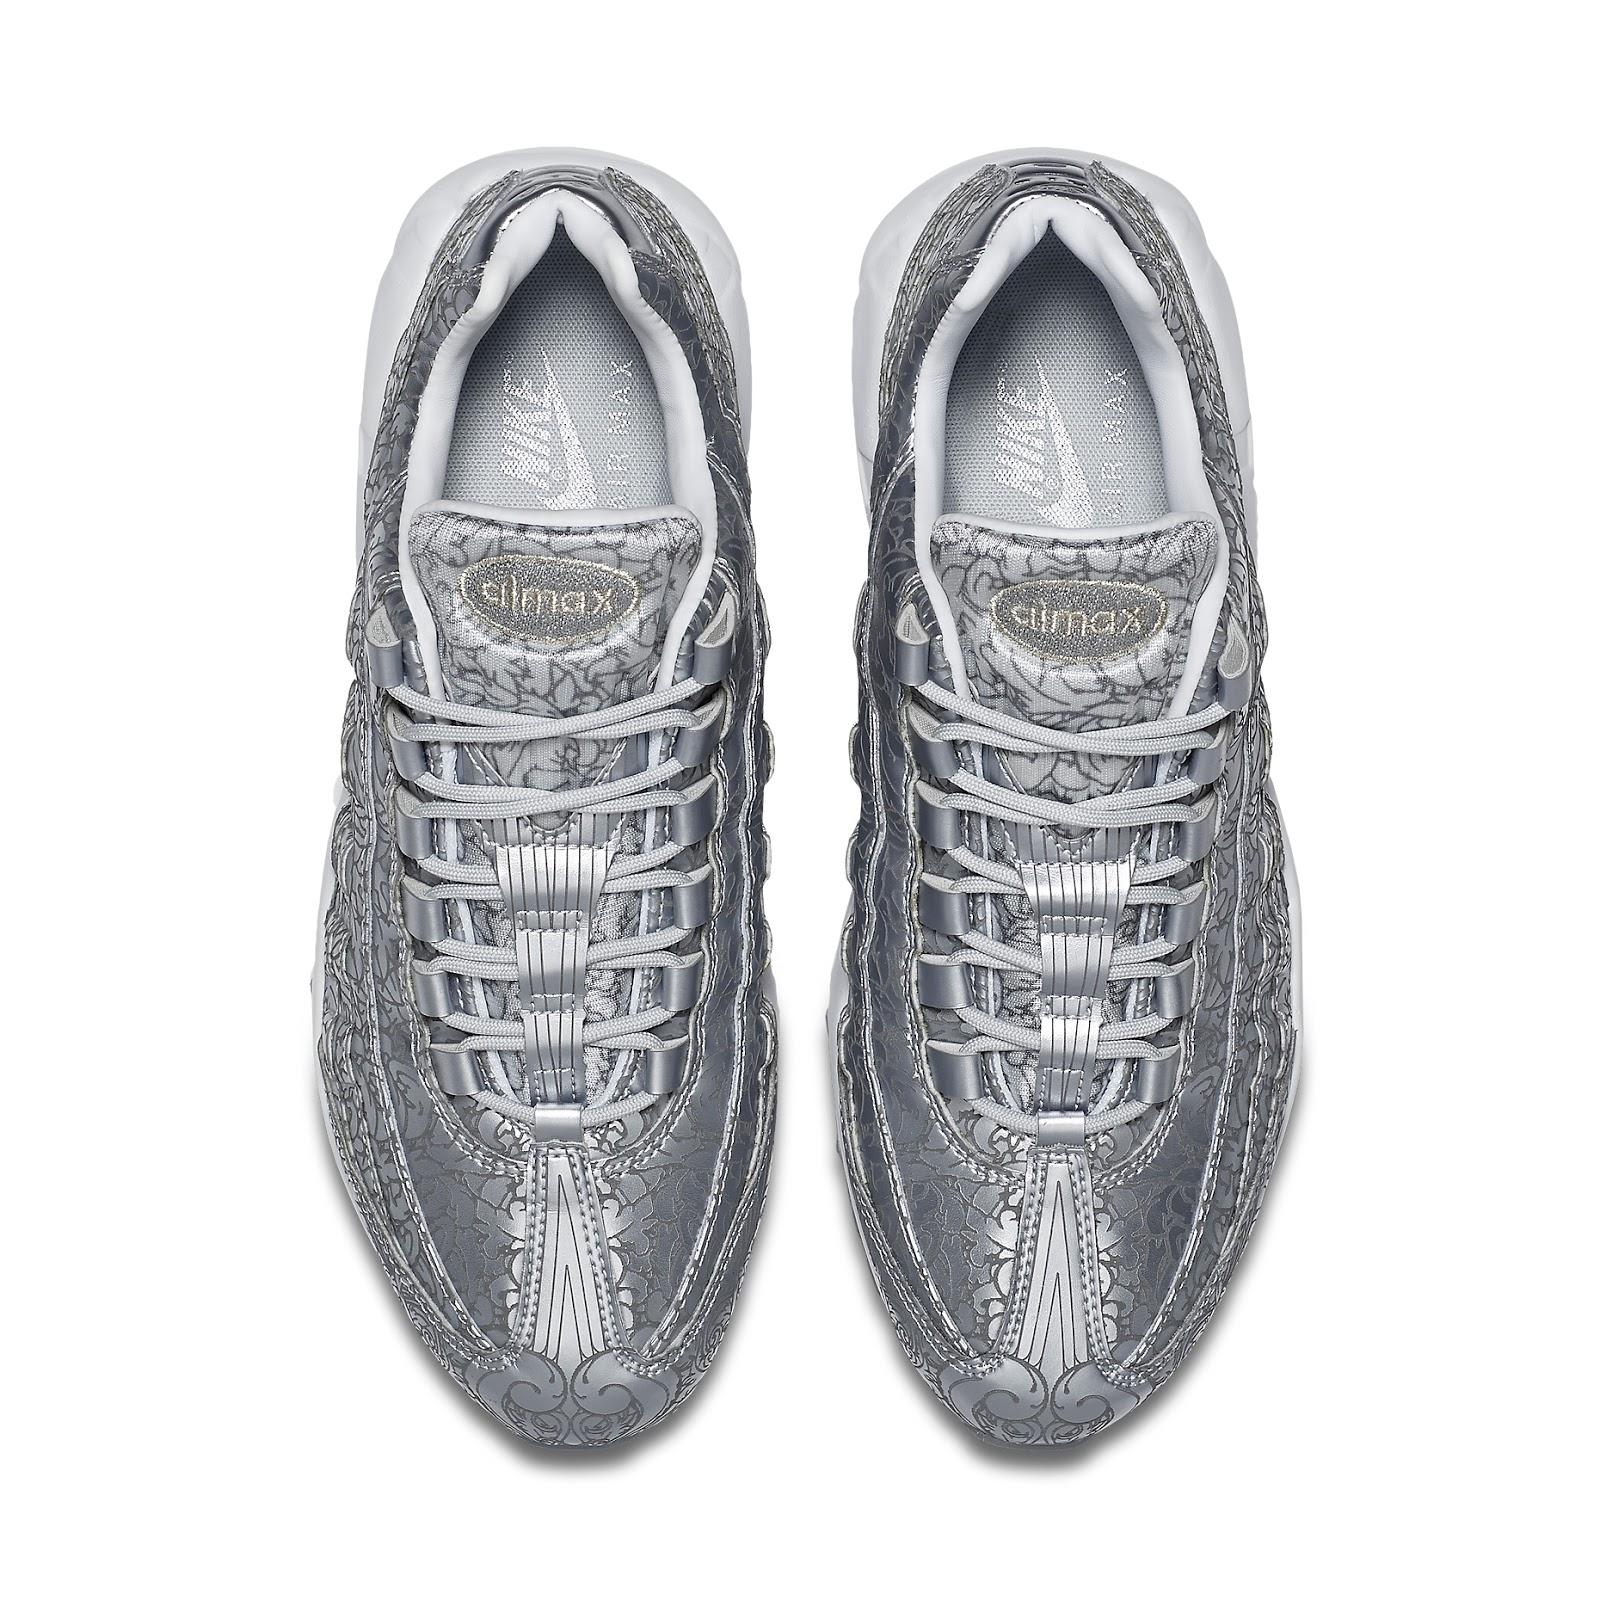 promo code 28b91 0ac96 Platine pur Blanc Argent métallique. Référence   818721-001. Pure Platinum  White Metallic Silver Style  818721-001